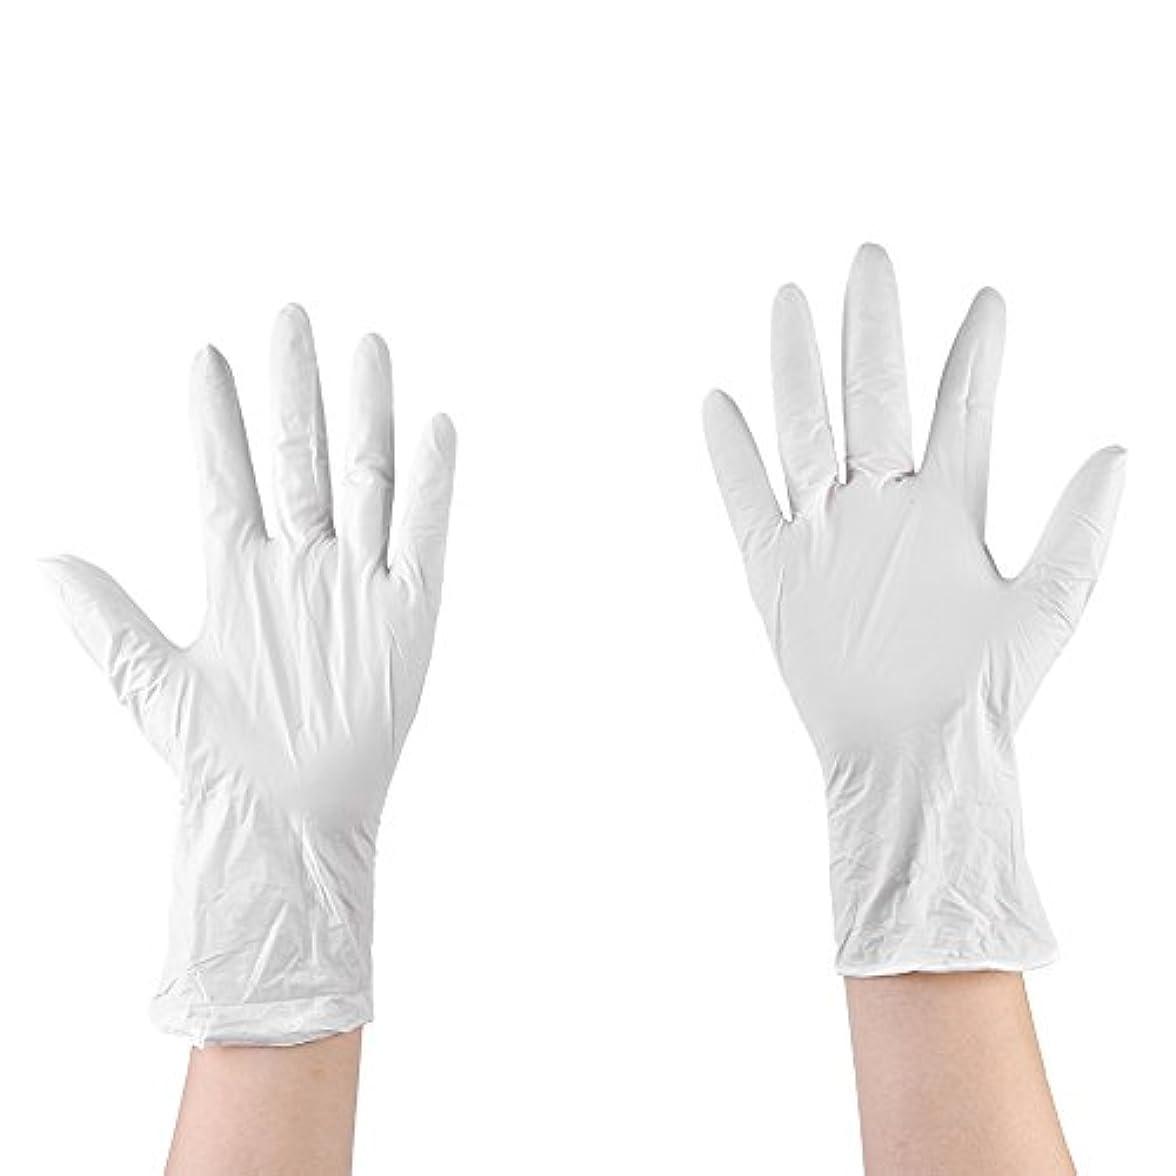 注釈お風呂自治的使い捨て手袋 ニトリルグローブ ホワイト 粉なし タトゥー/歯科/病院/研究室に適応 M/L選択可 50枚 左右兼用 作業手袋(M)